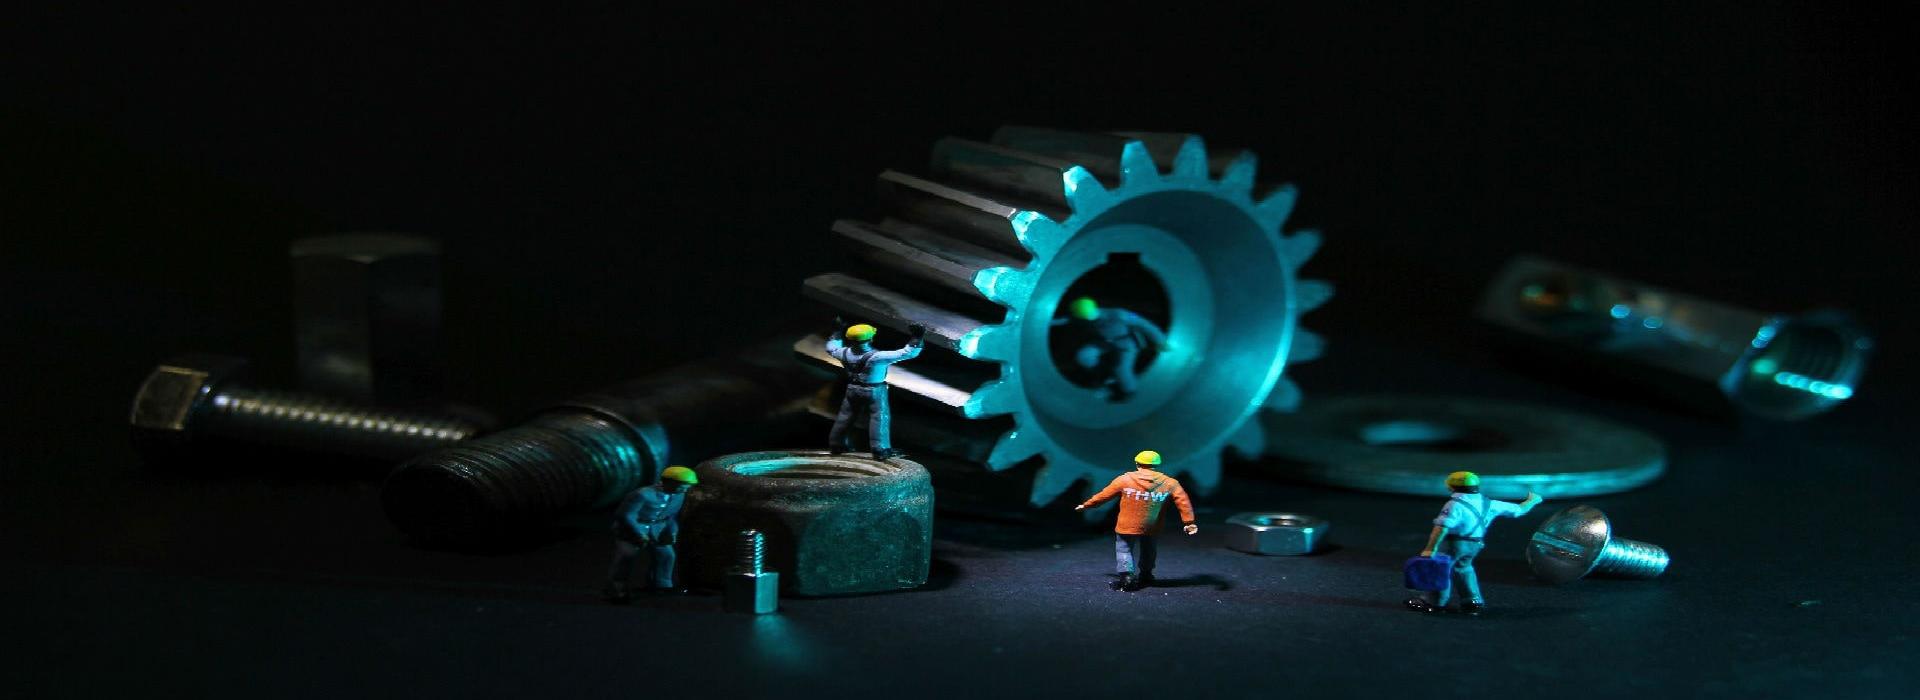 Ρουλεμάν Βιομηχανικό